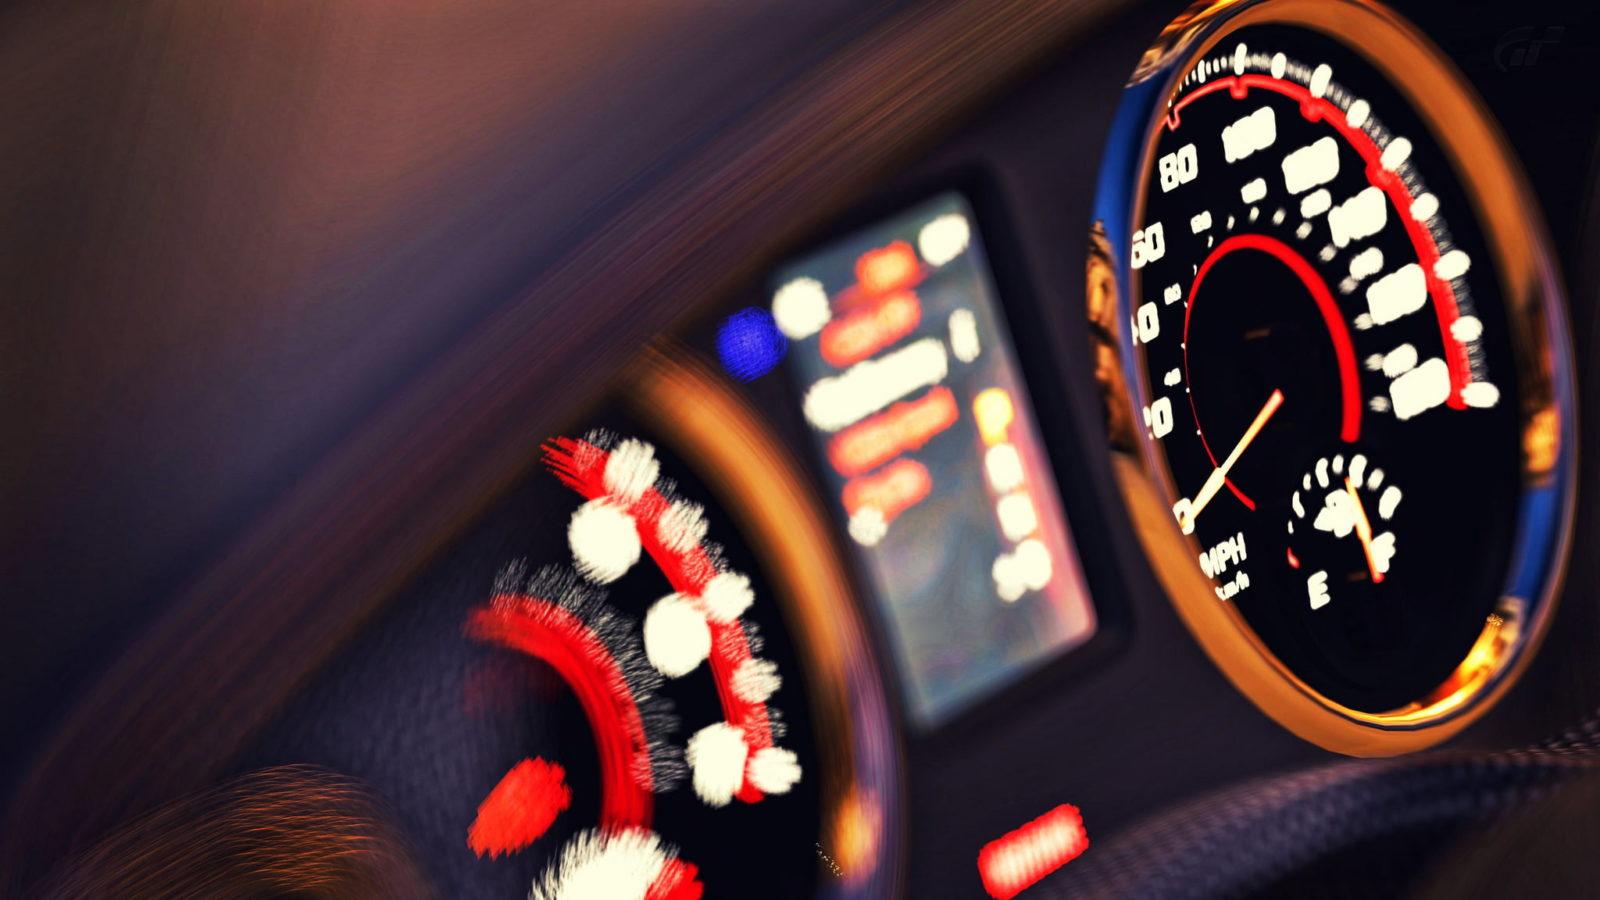 Критичный пробег - пора менять авто? Исследование (2 фото)